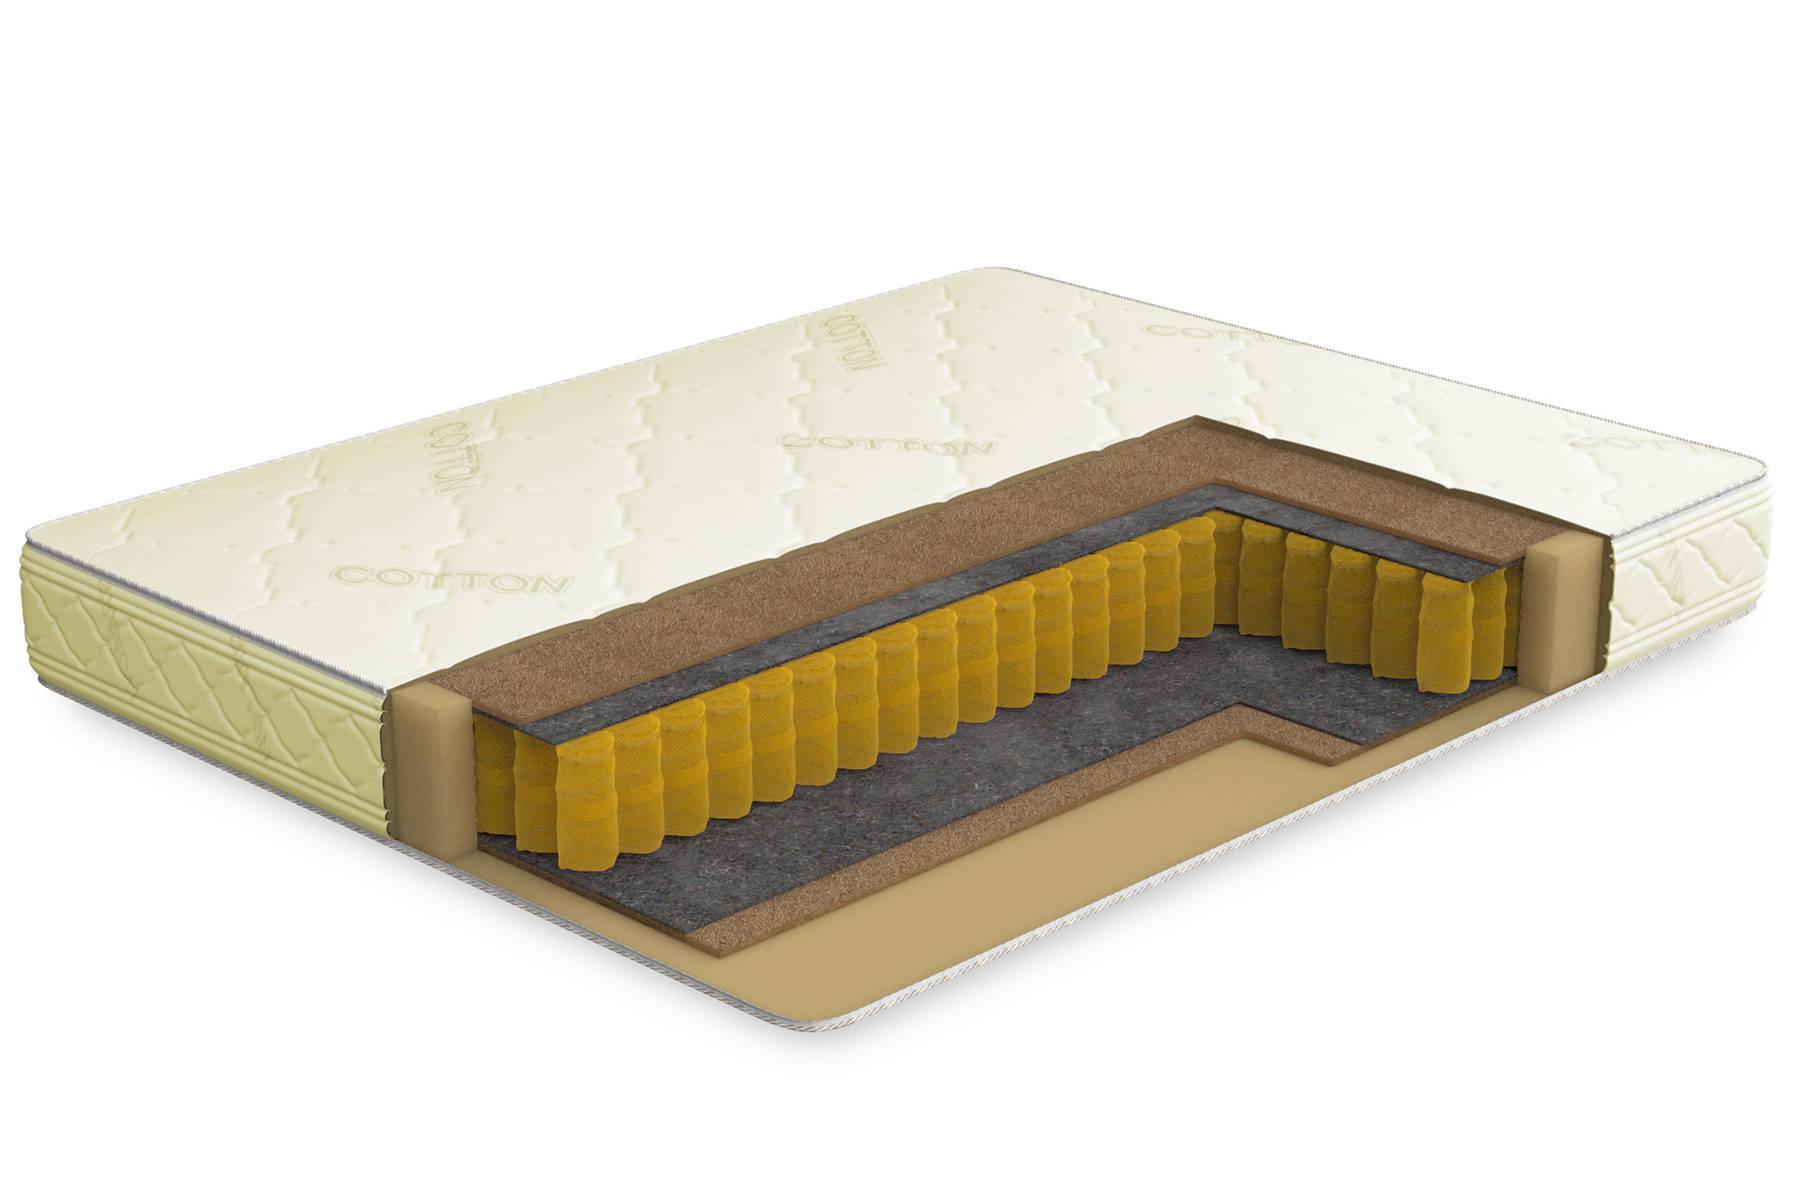 недорогой угловой диван со спальным местом